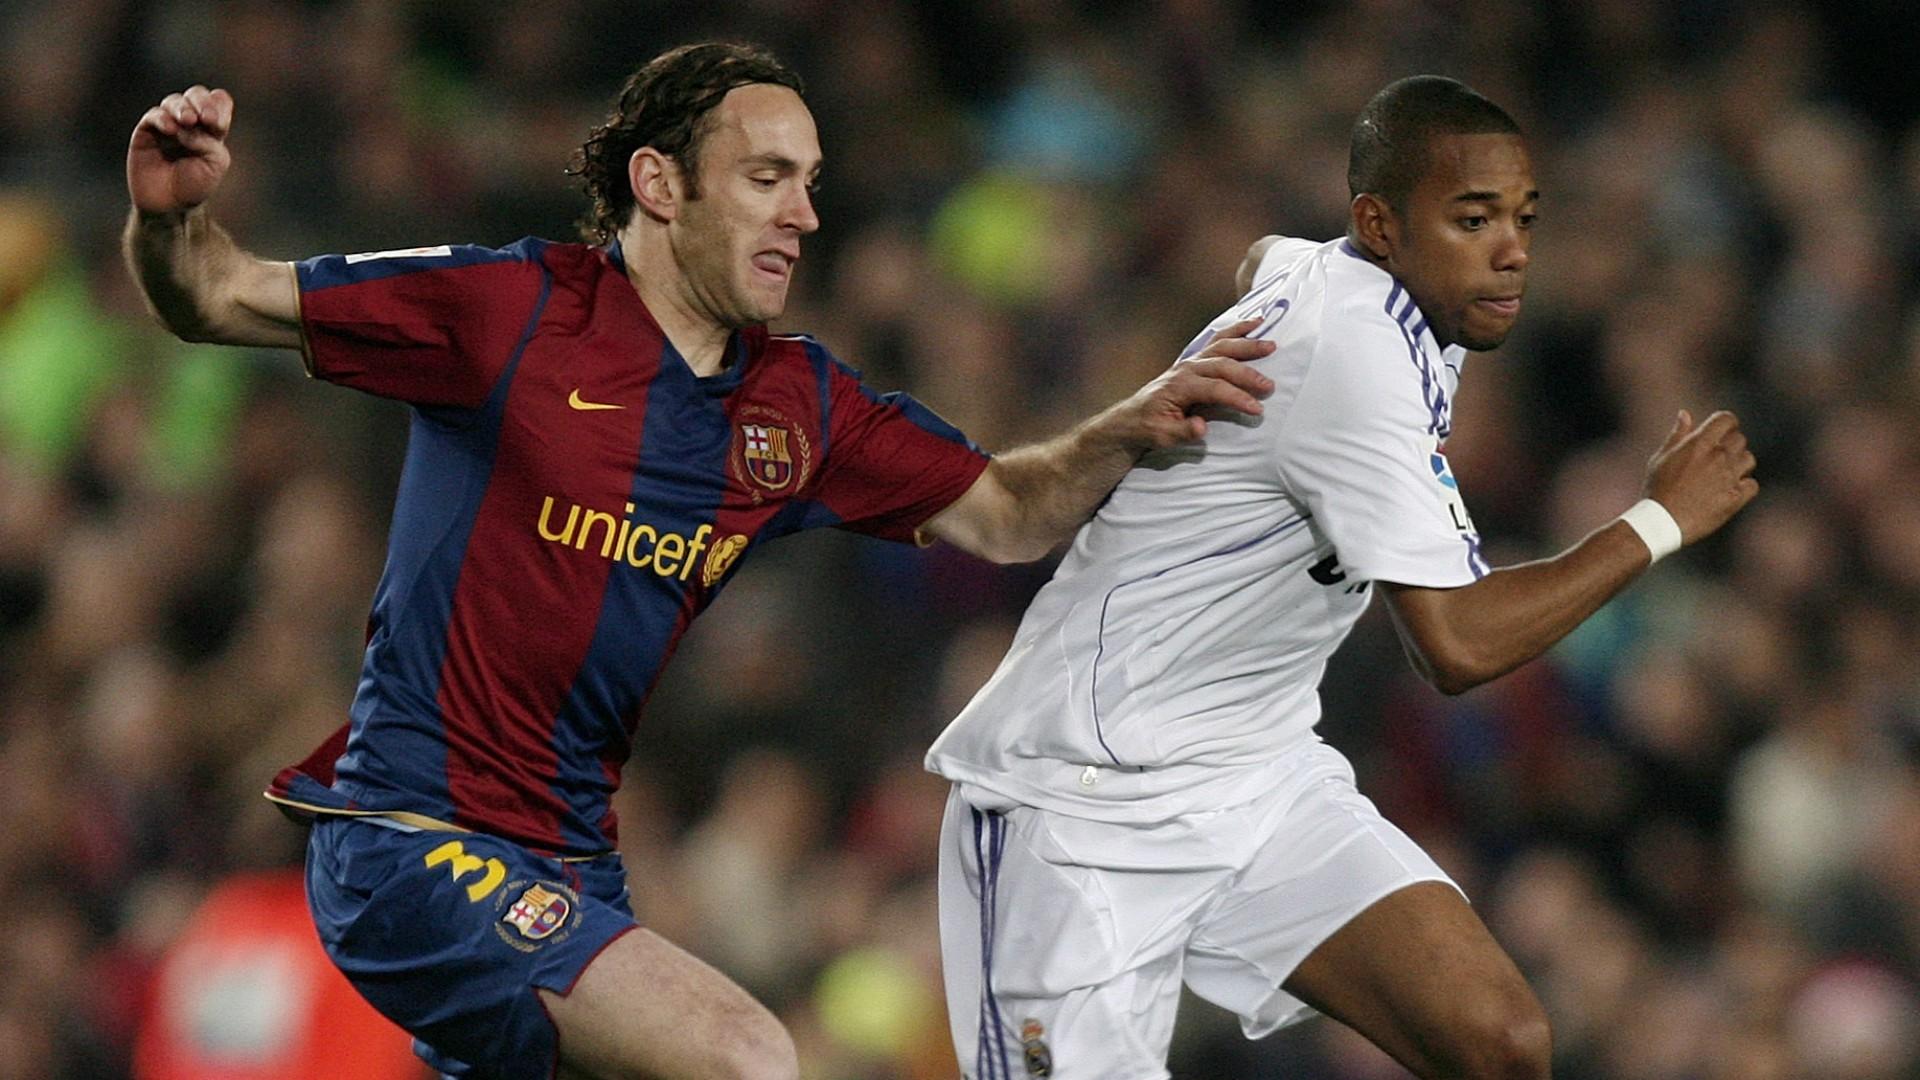 Không The Best, không Qủa bóng vàng và giờ không El Clasico cho Messi và Ronaldo - Ảnh 2.